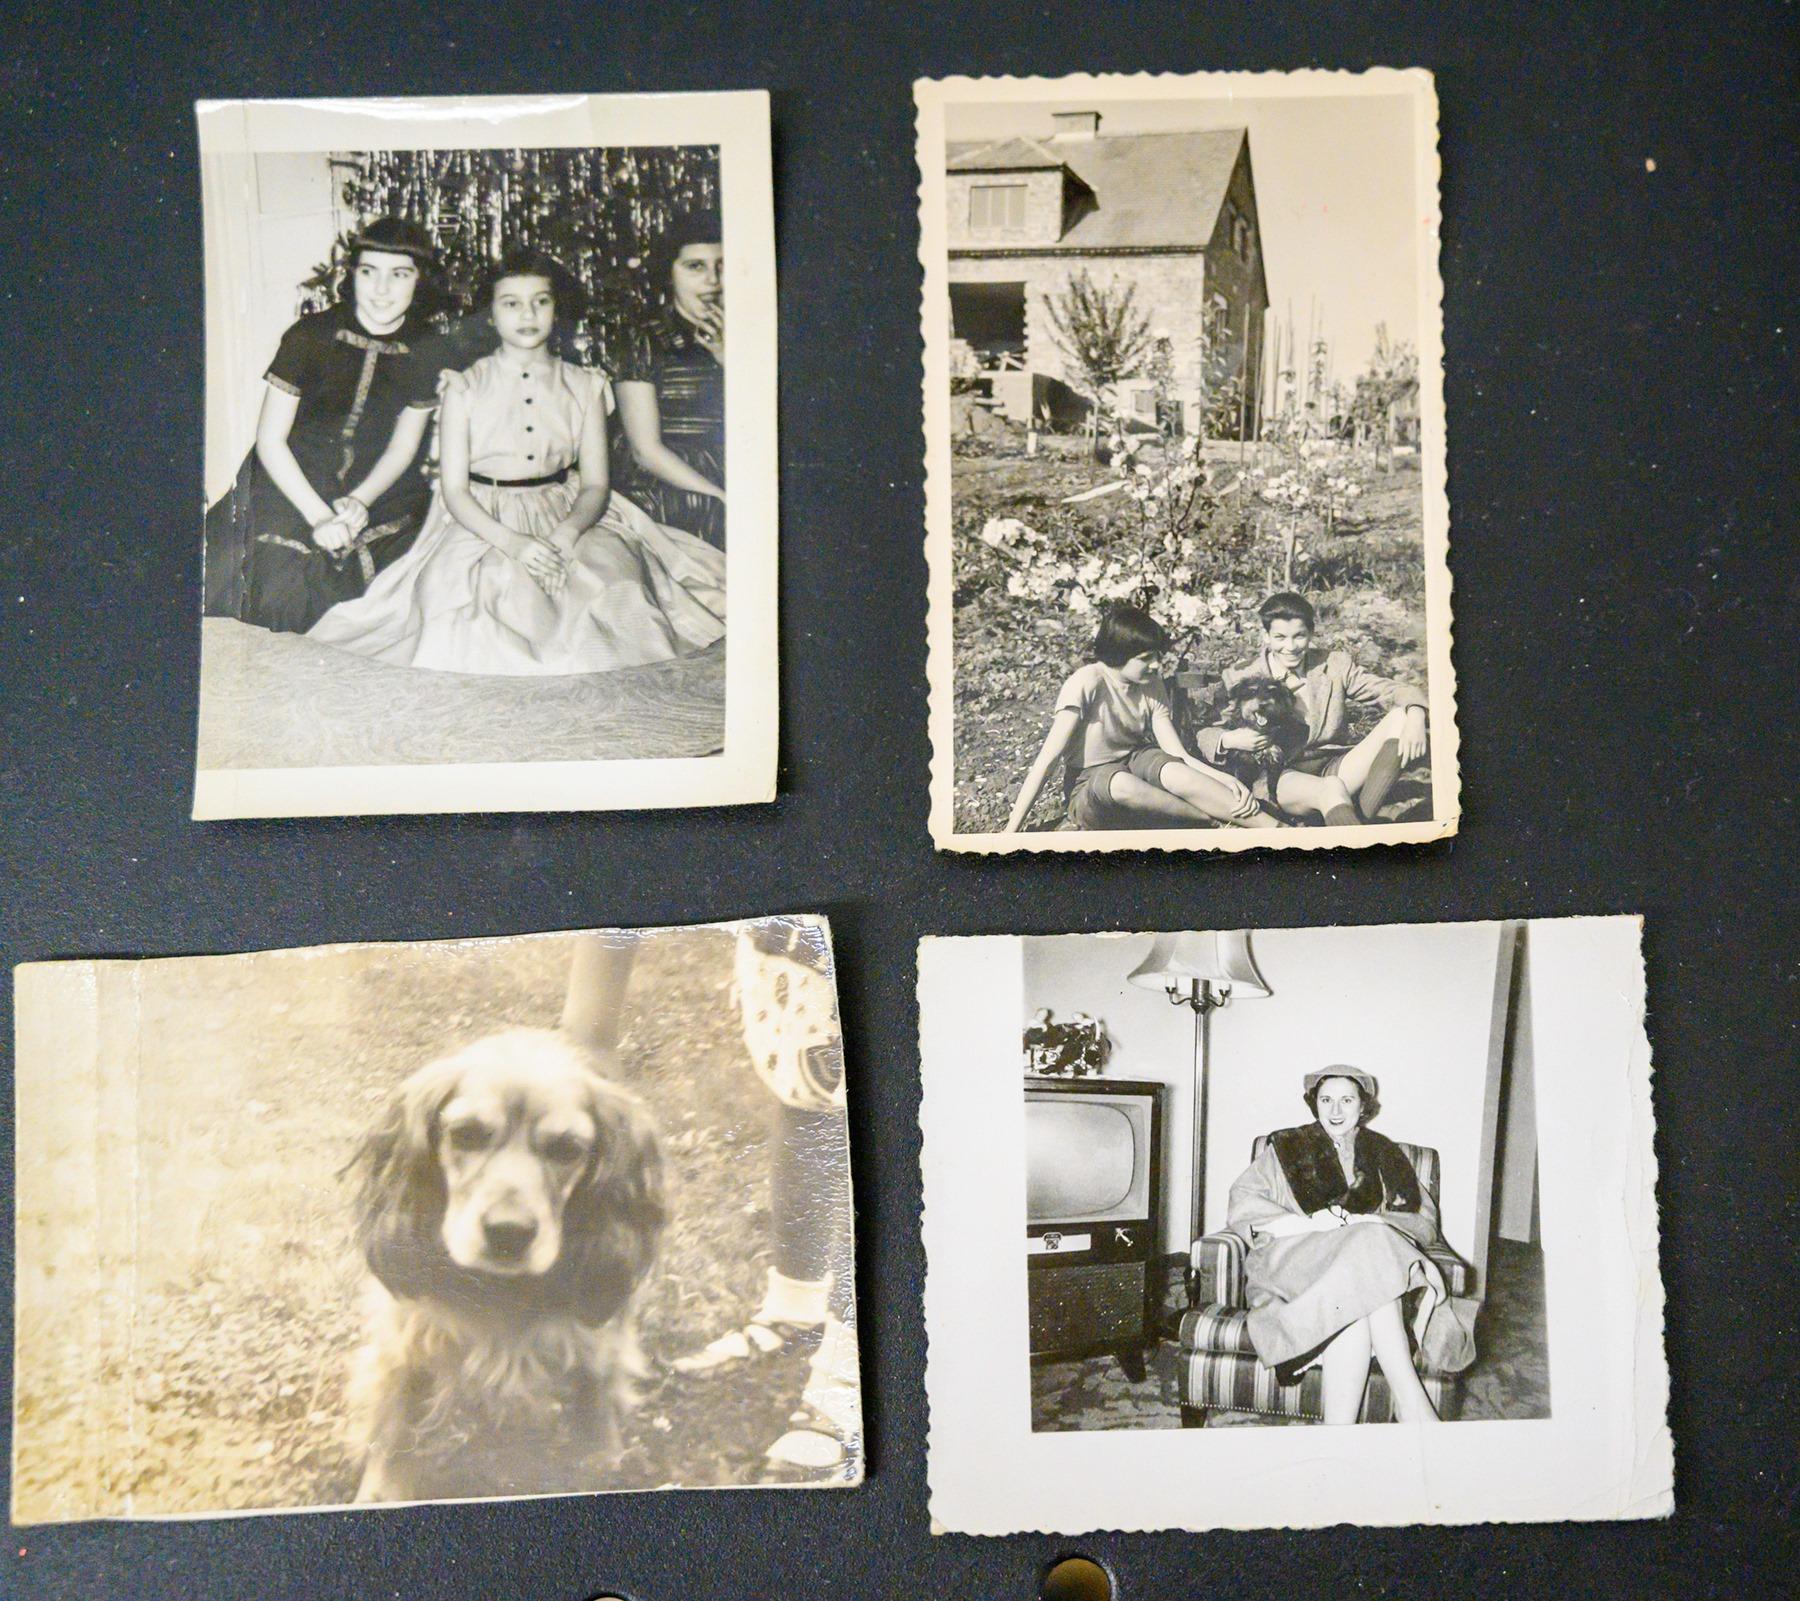 Φωτογραφίες που βρέθηκαν στην τσάντα της 14χρονης μαθήτριας από το μακρινό 1956